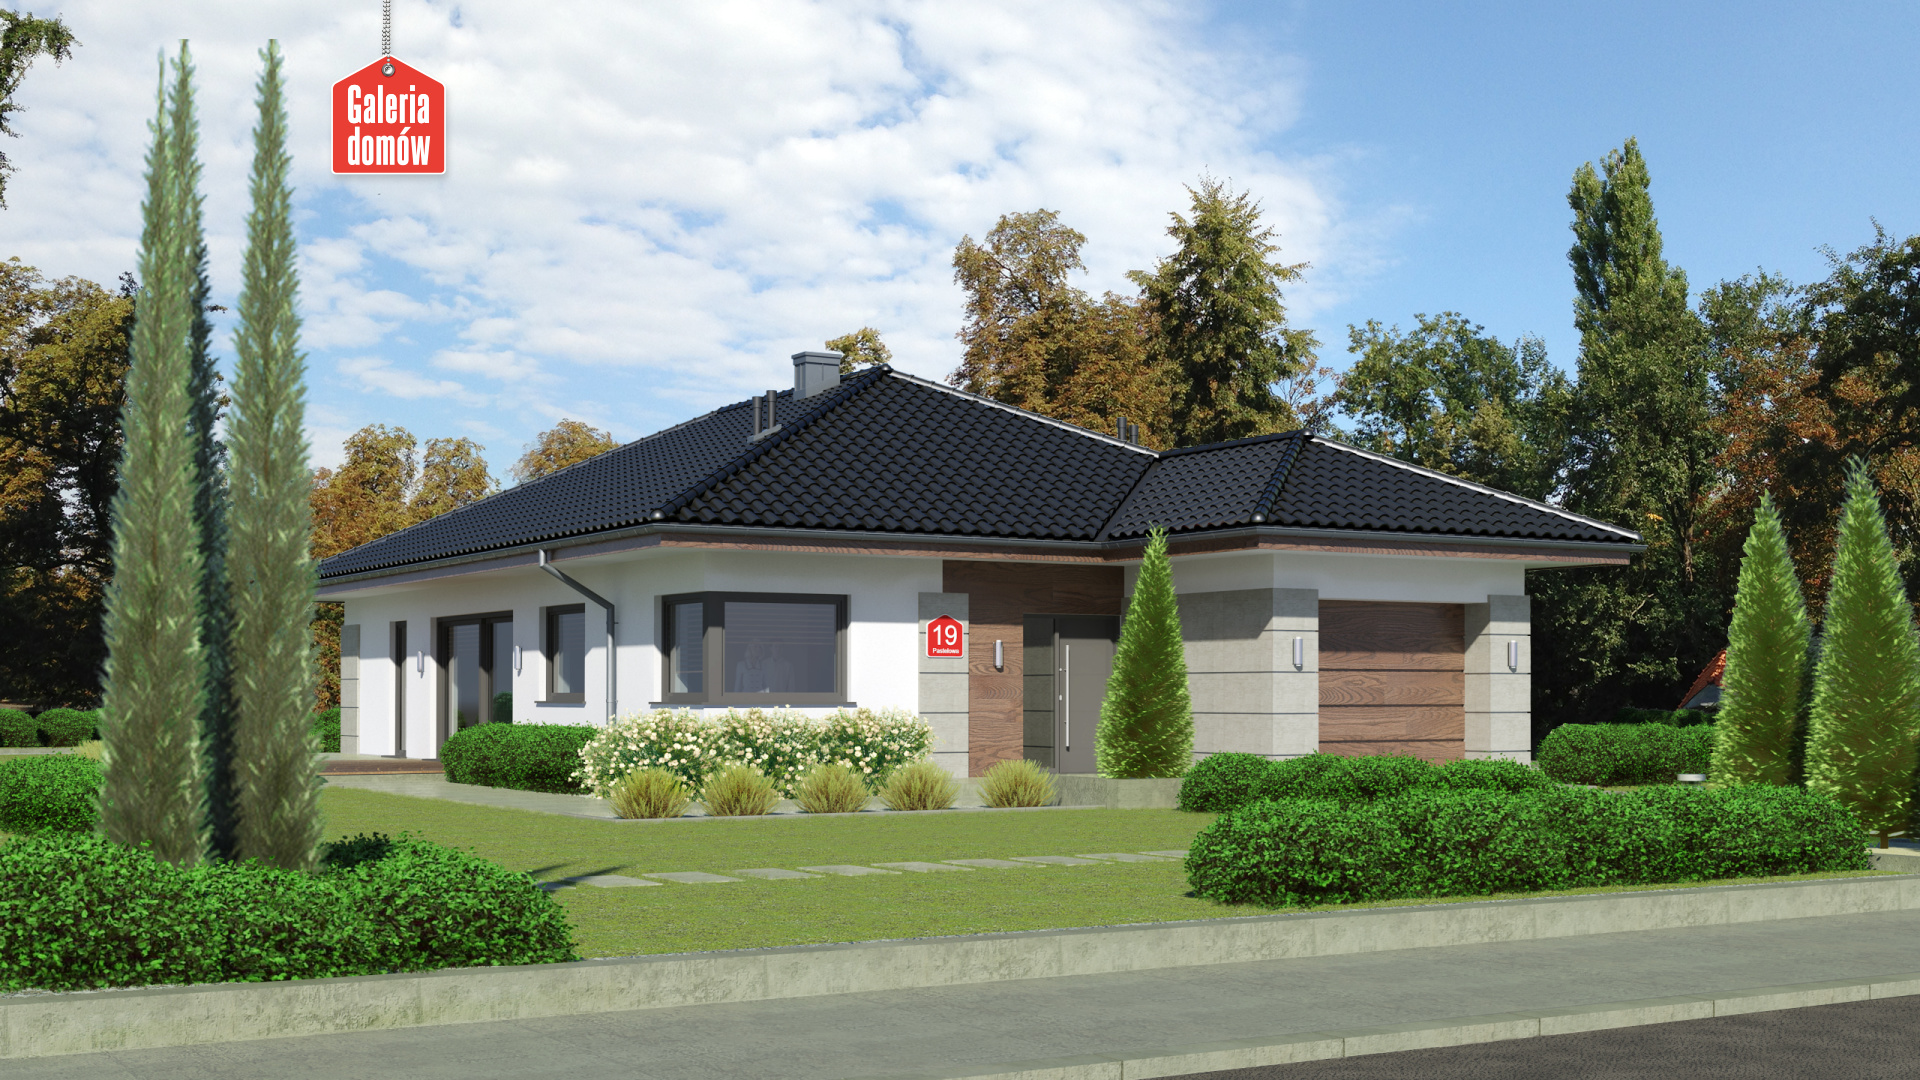 Dom przy Pastelowej 19 - zdjęcie projektu i wizualizacja